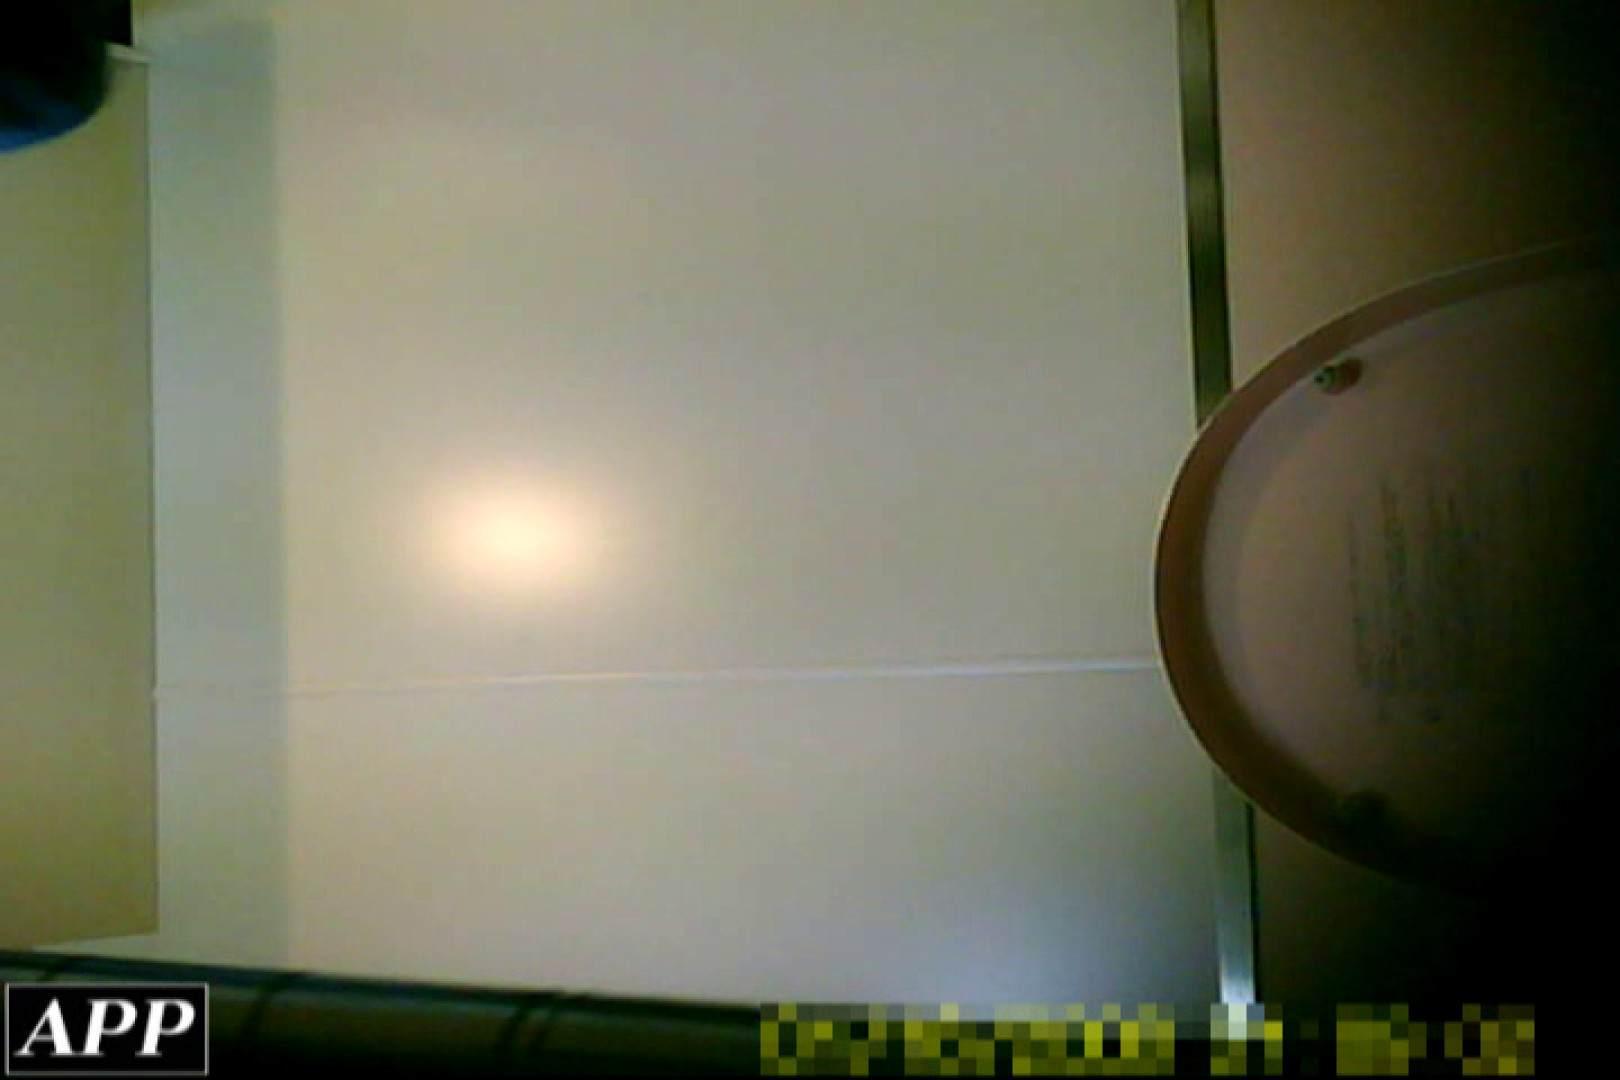 3視点洗面所 vol.009 OLの実態  89pic 72